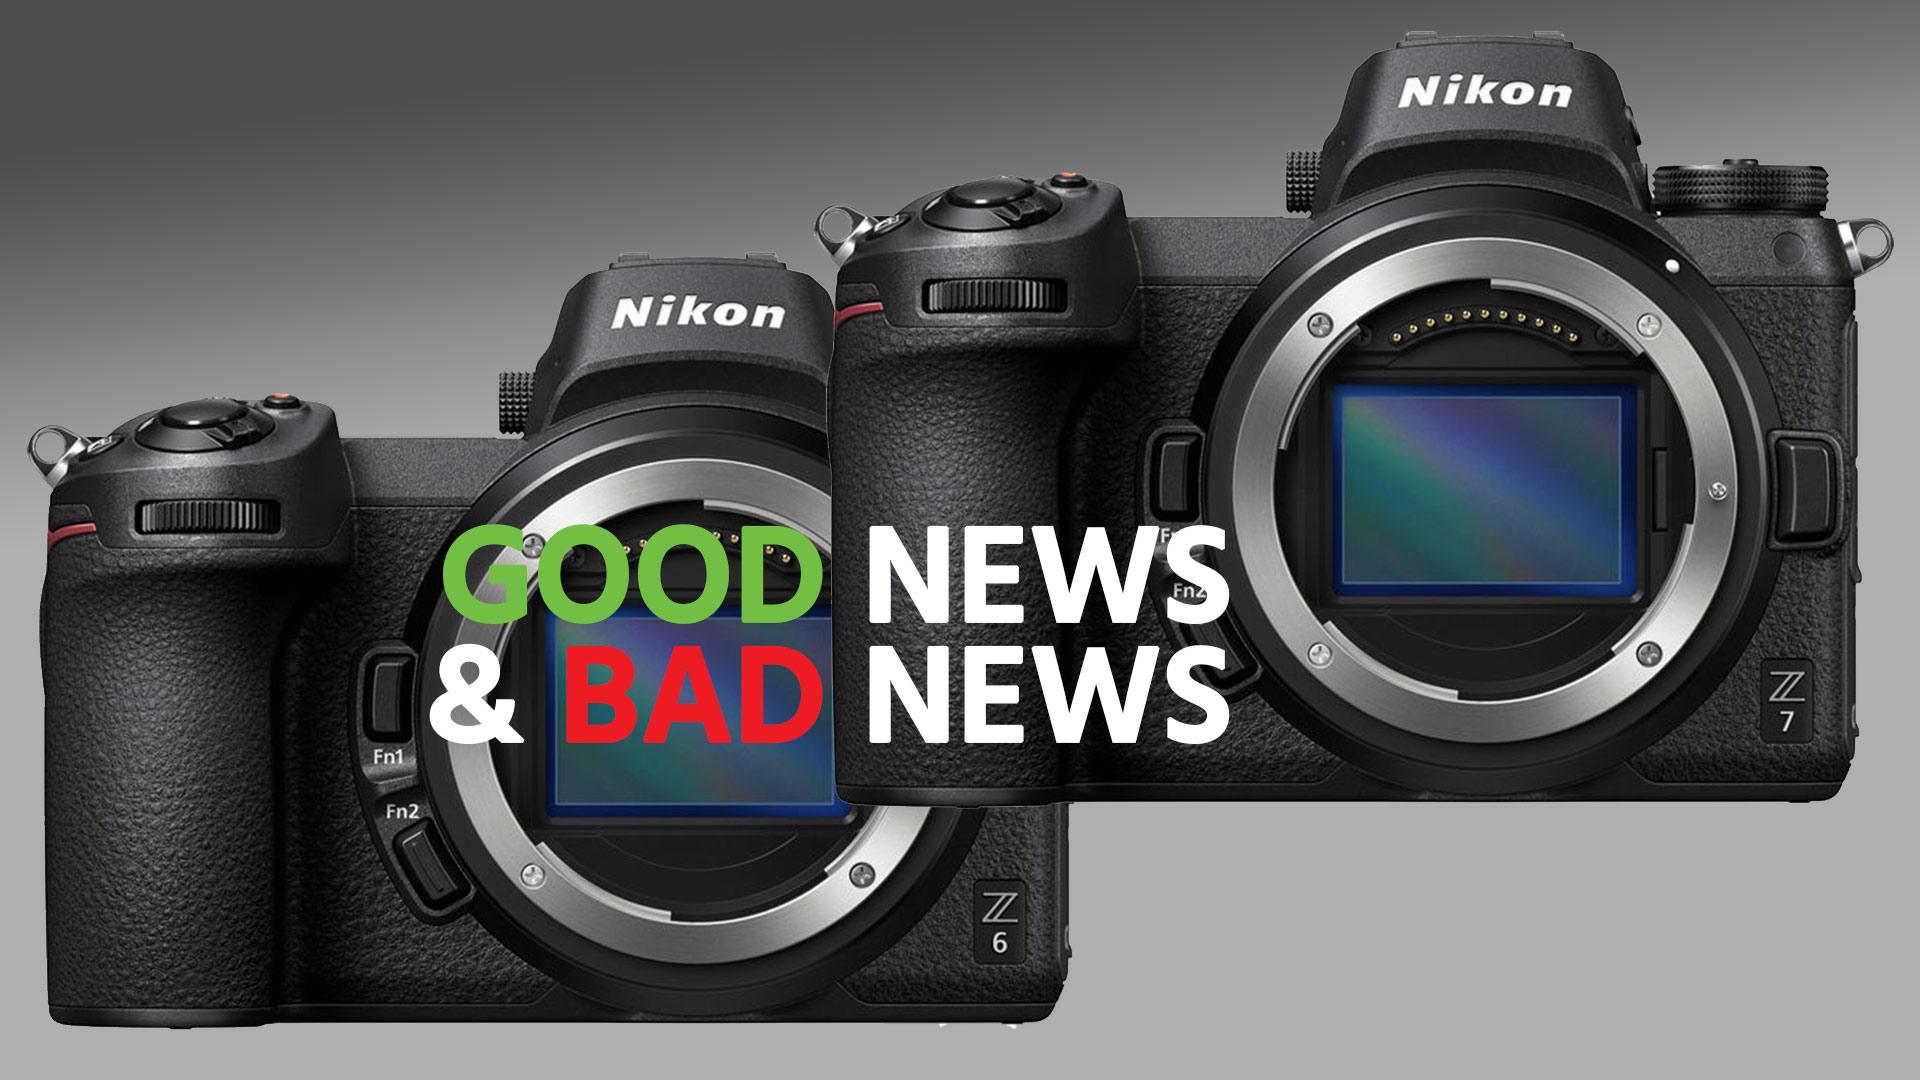 Las Nikon Z 6 y Z 7 reciben Firmware 2.0, algunas fueron retiradas debido a un problema con la Reducción de Vibración